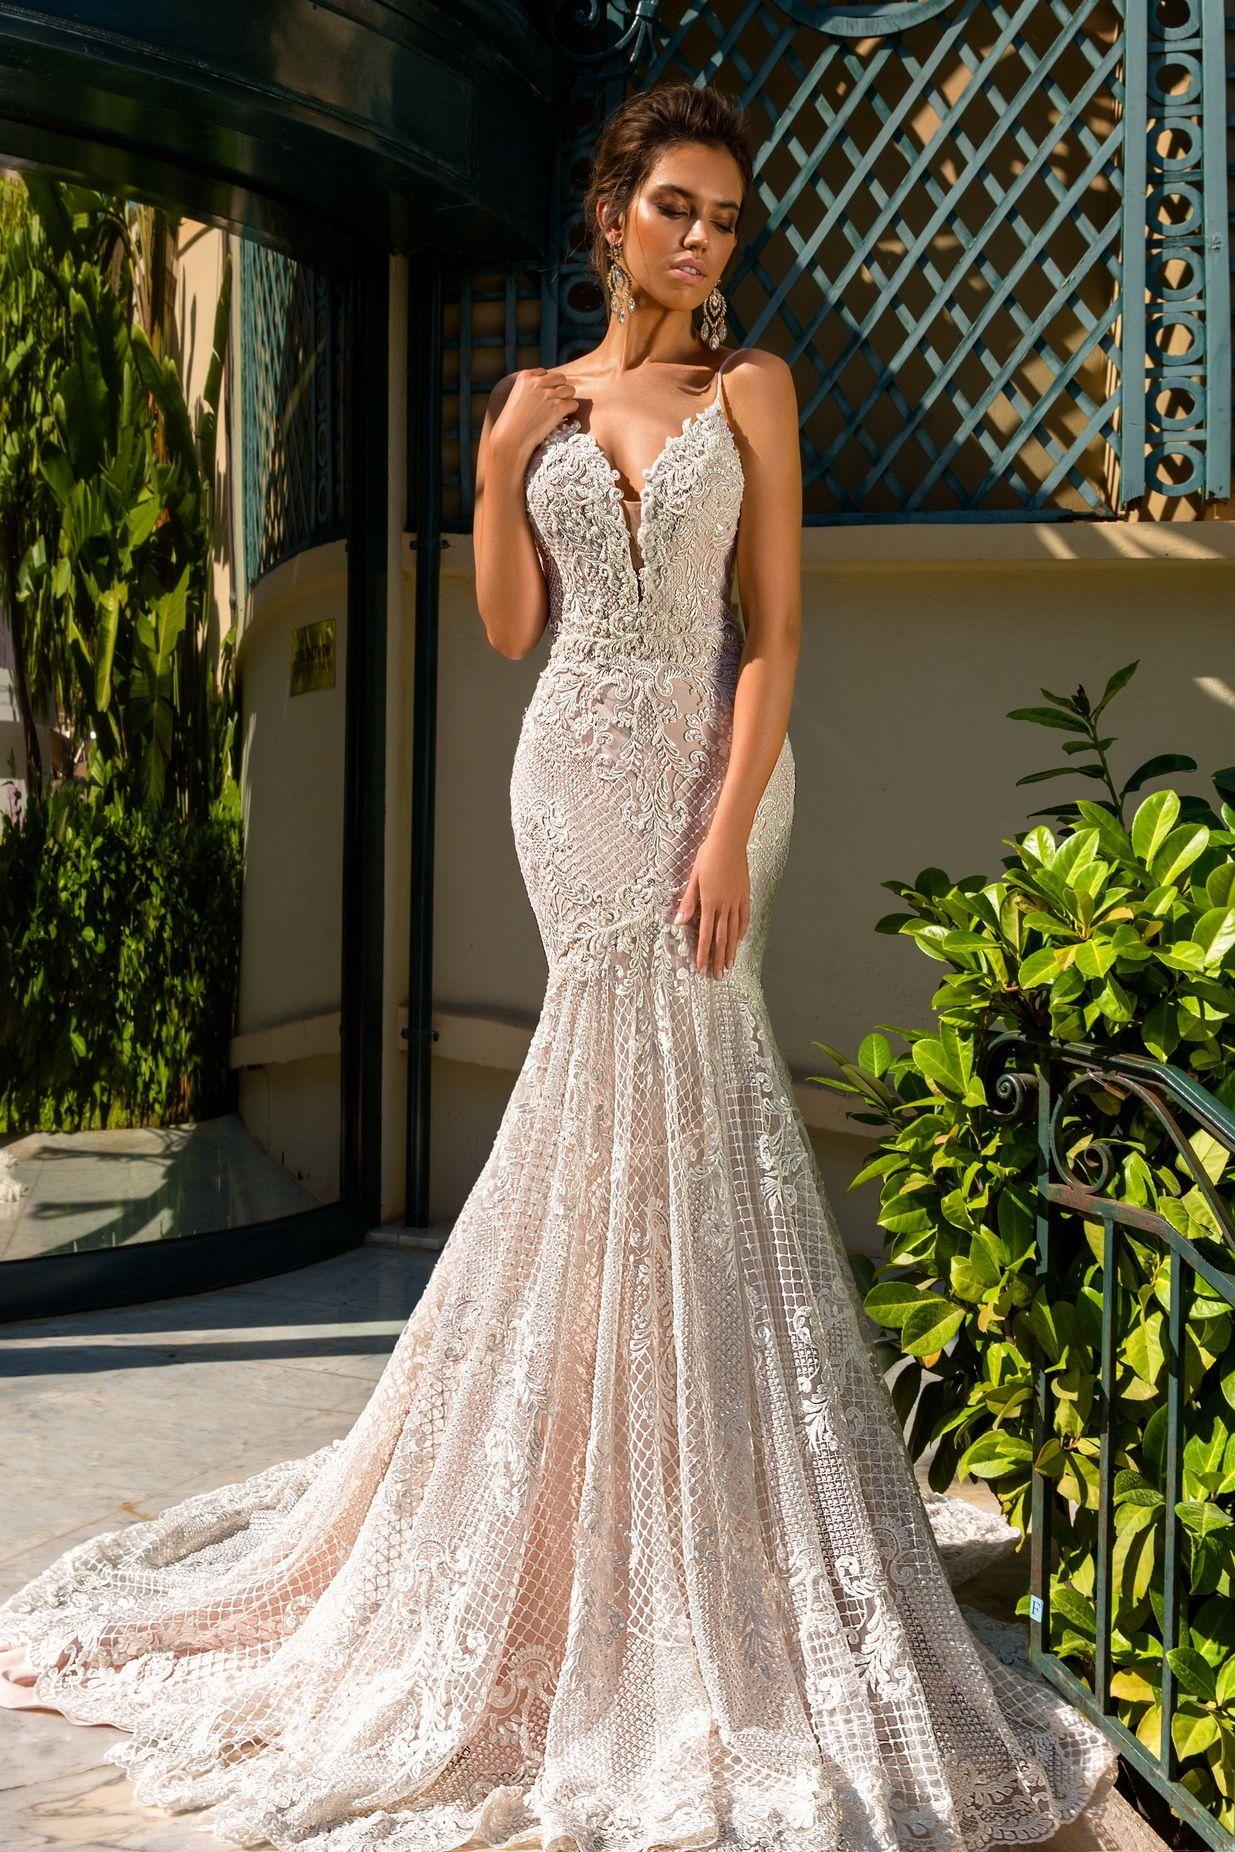 первом картинки эксклюзивные свадебные платья считают, что после